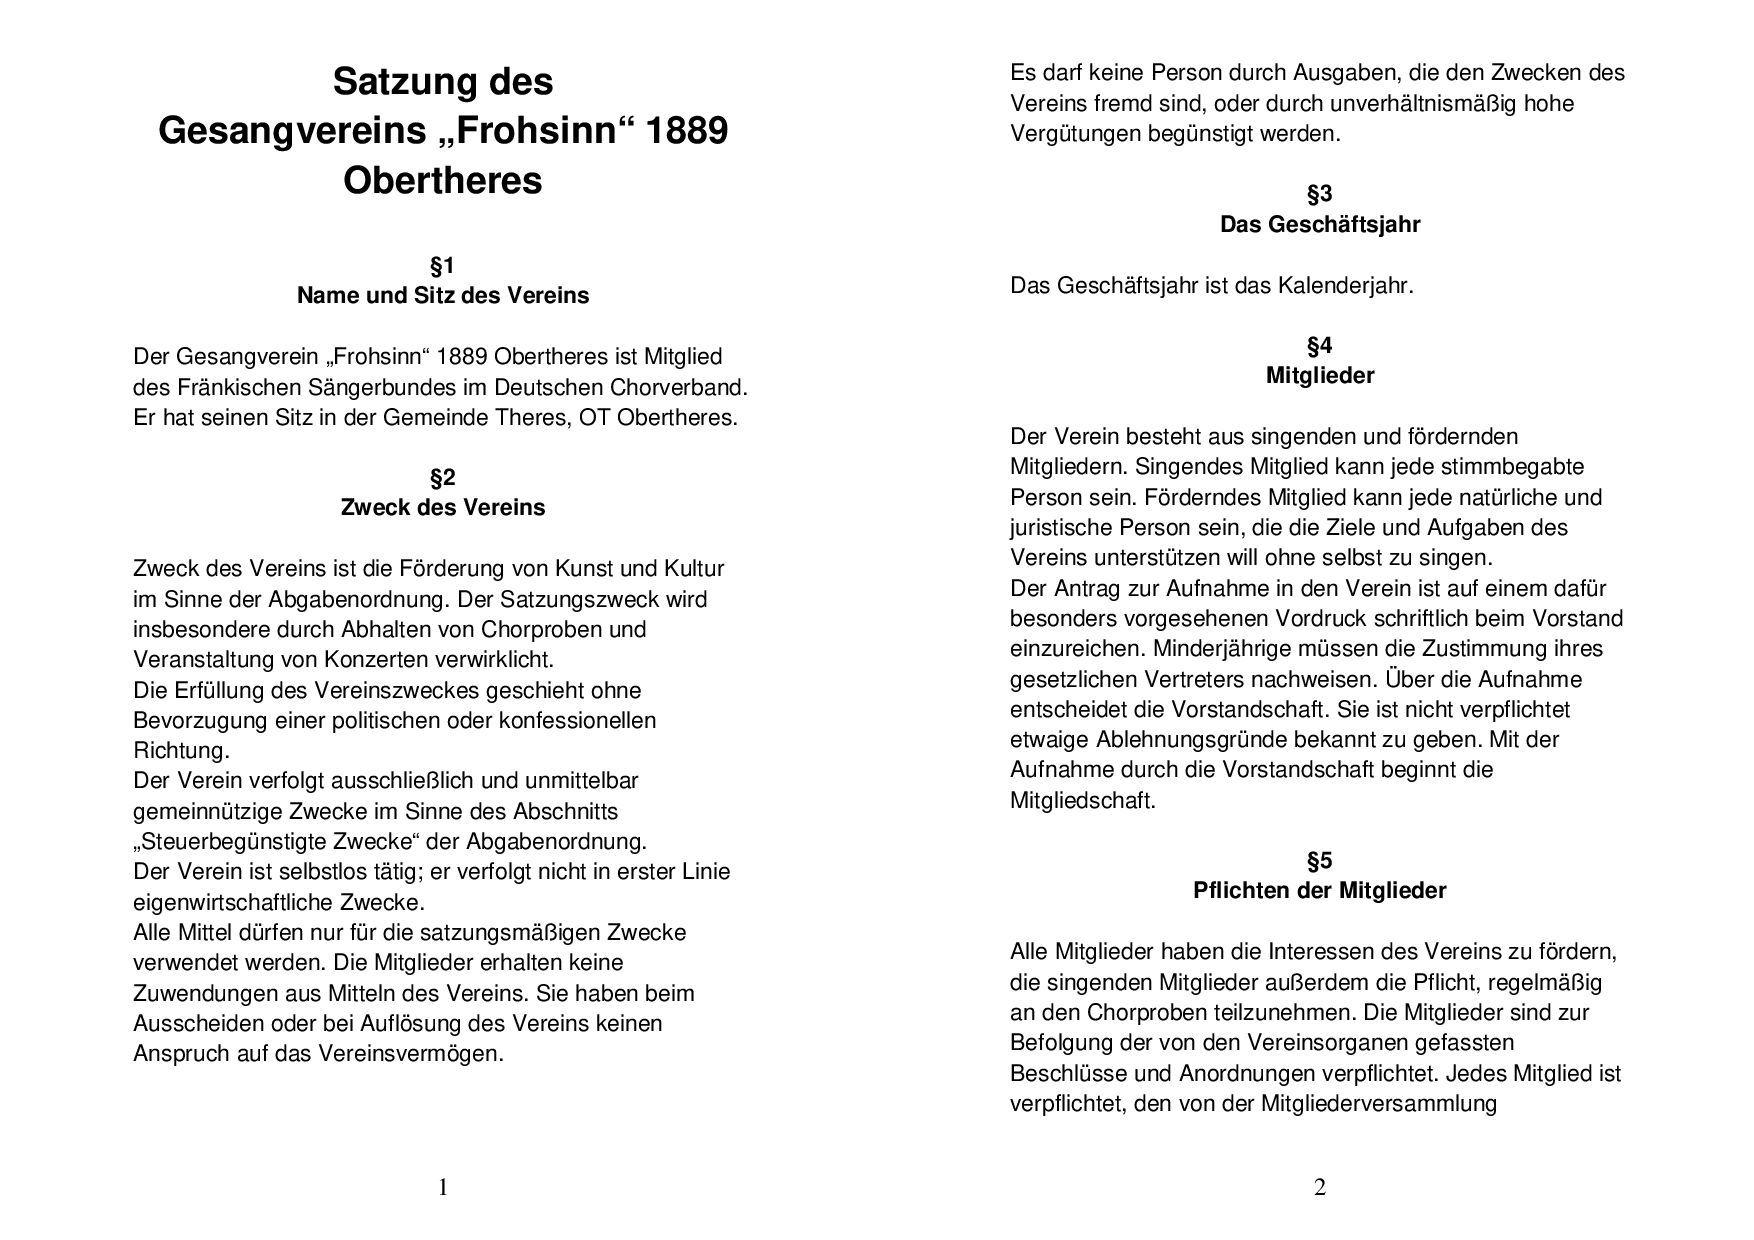 Die Satzung des Gesangvereins Obertheresin der